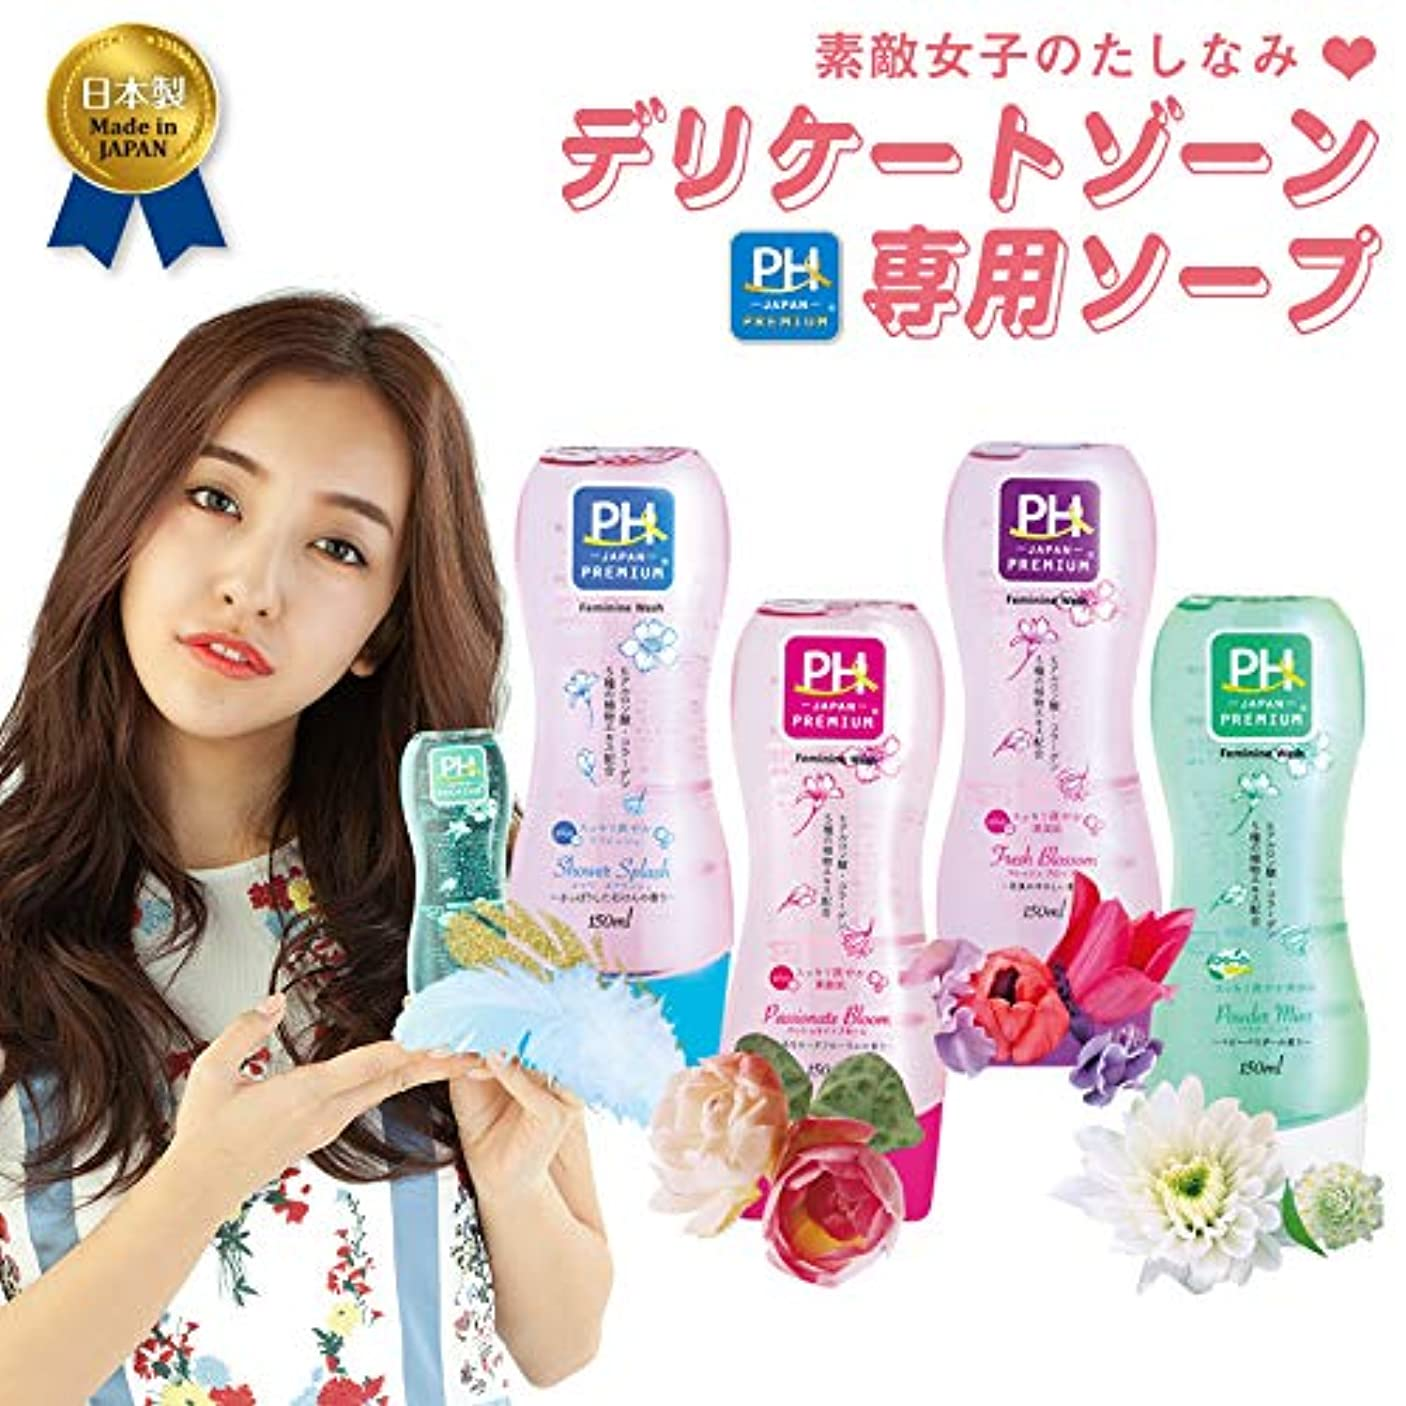 ステレオ対応すなわちシャワースプラッシュ4本セット PH JAPAN フェミニンウォッシュ